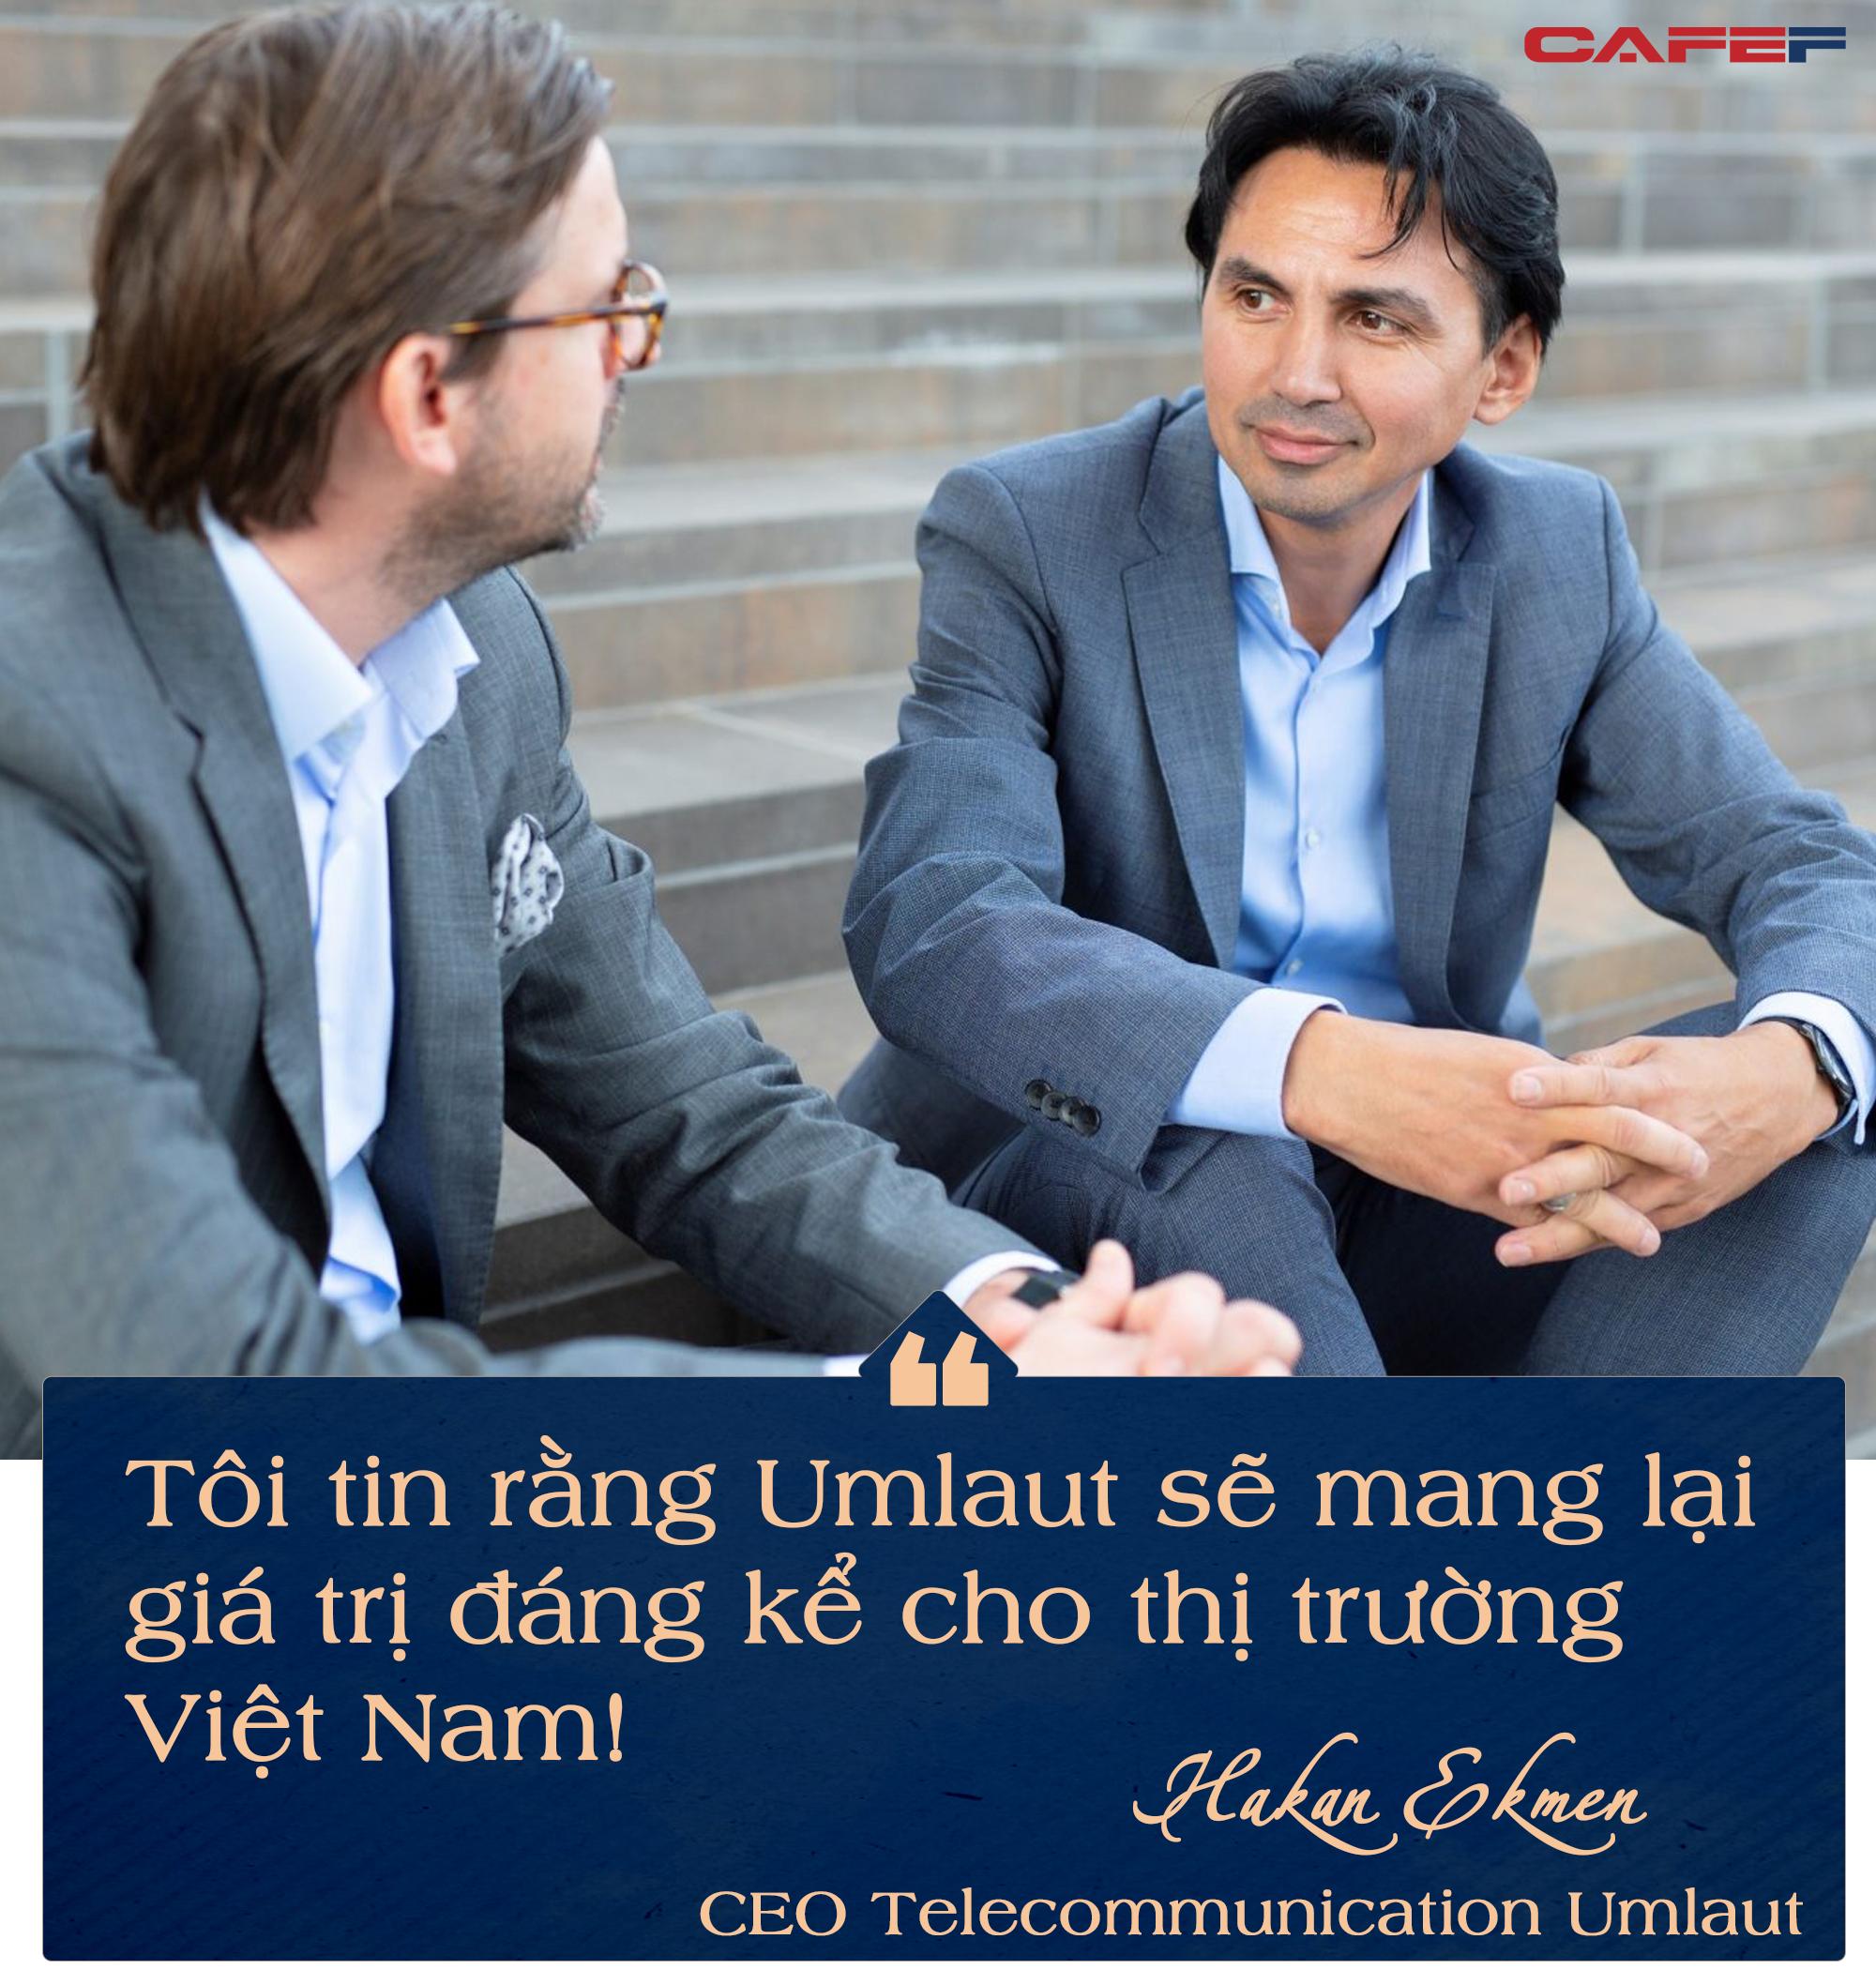 CEO Telecommunication Umlaut: Tiên phong triển khai 5G chứng minh Việt Nam có thể đưa ra các hạ tầng số hiệu quả! - Ảnh 5.